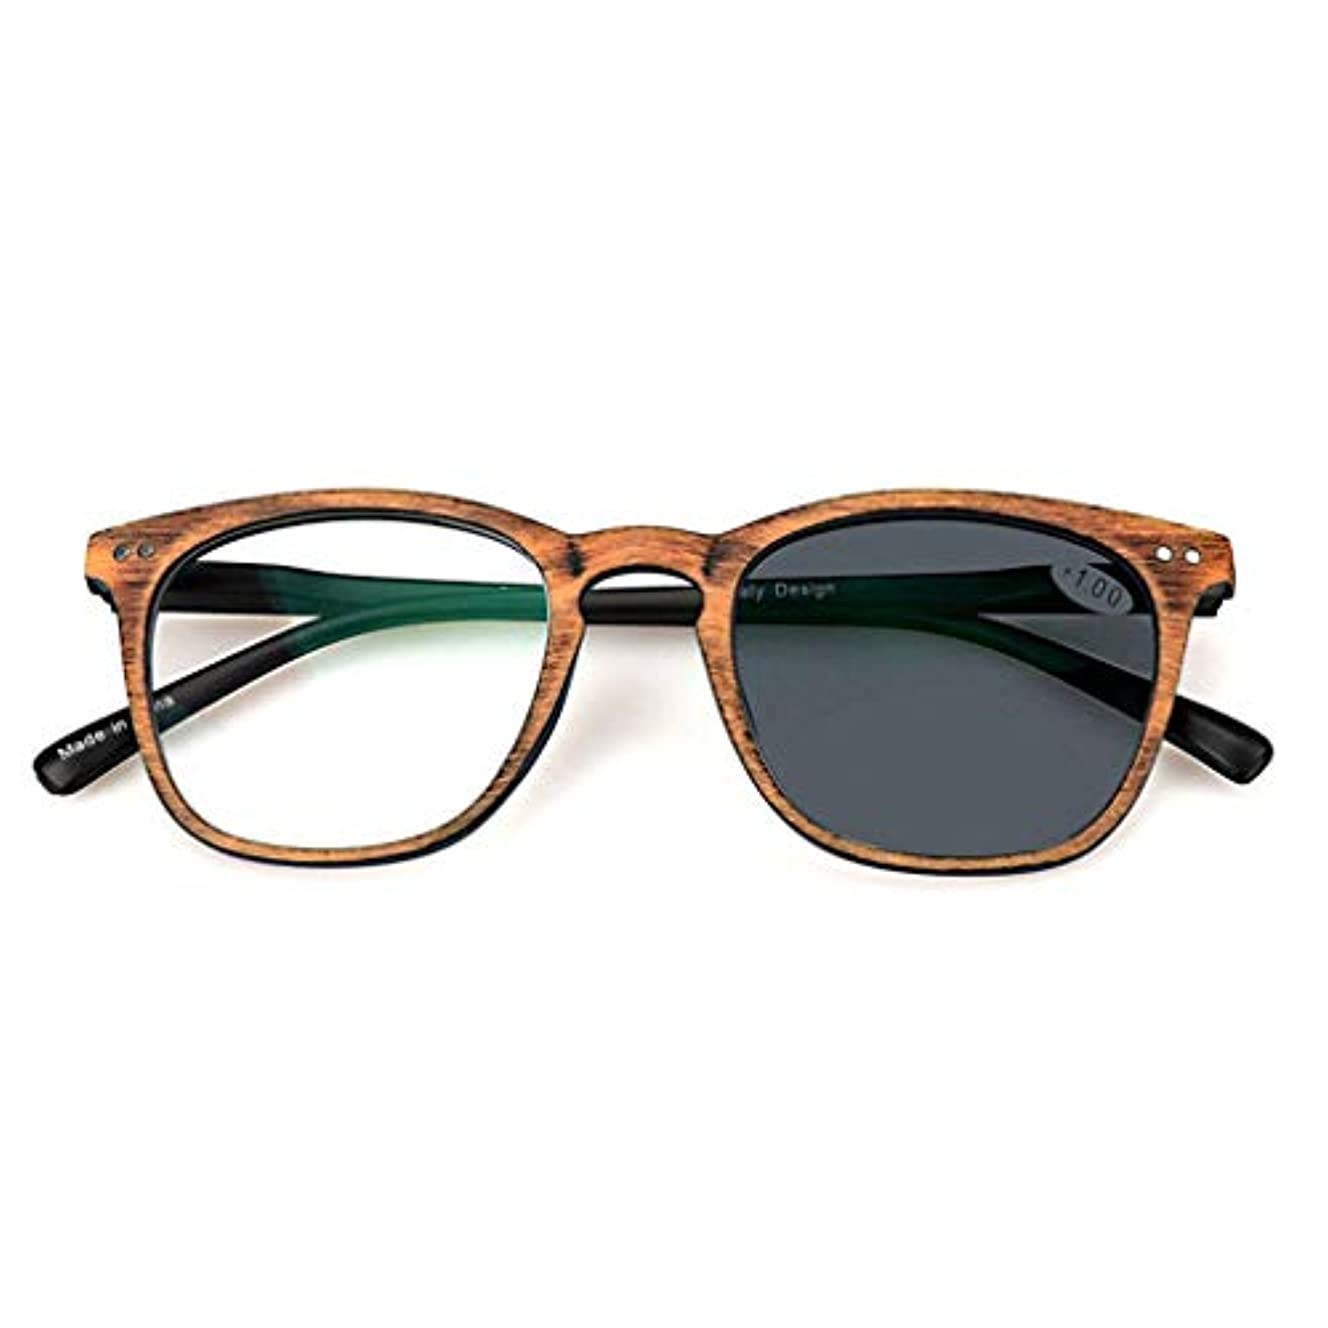 空白設置優越老眼鏡、遷移型フォトクロミックプログレッシブマルチフォーカスサングラス、放射線防護、UV保護、メンズ/レディース,Brown,+1.5